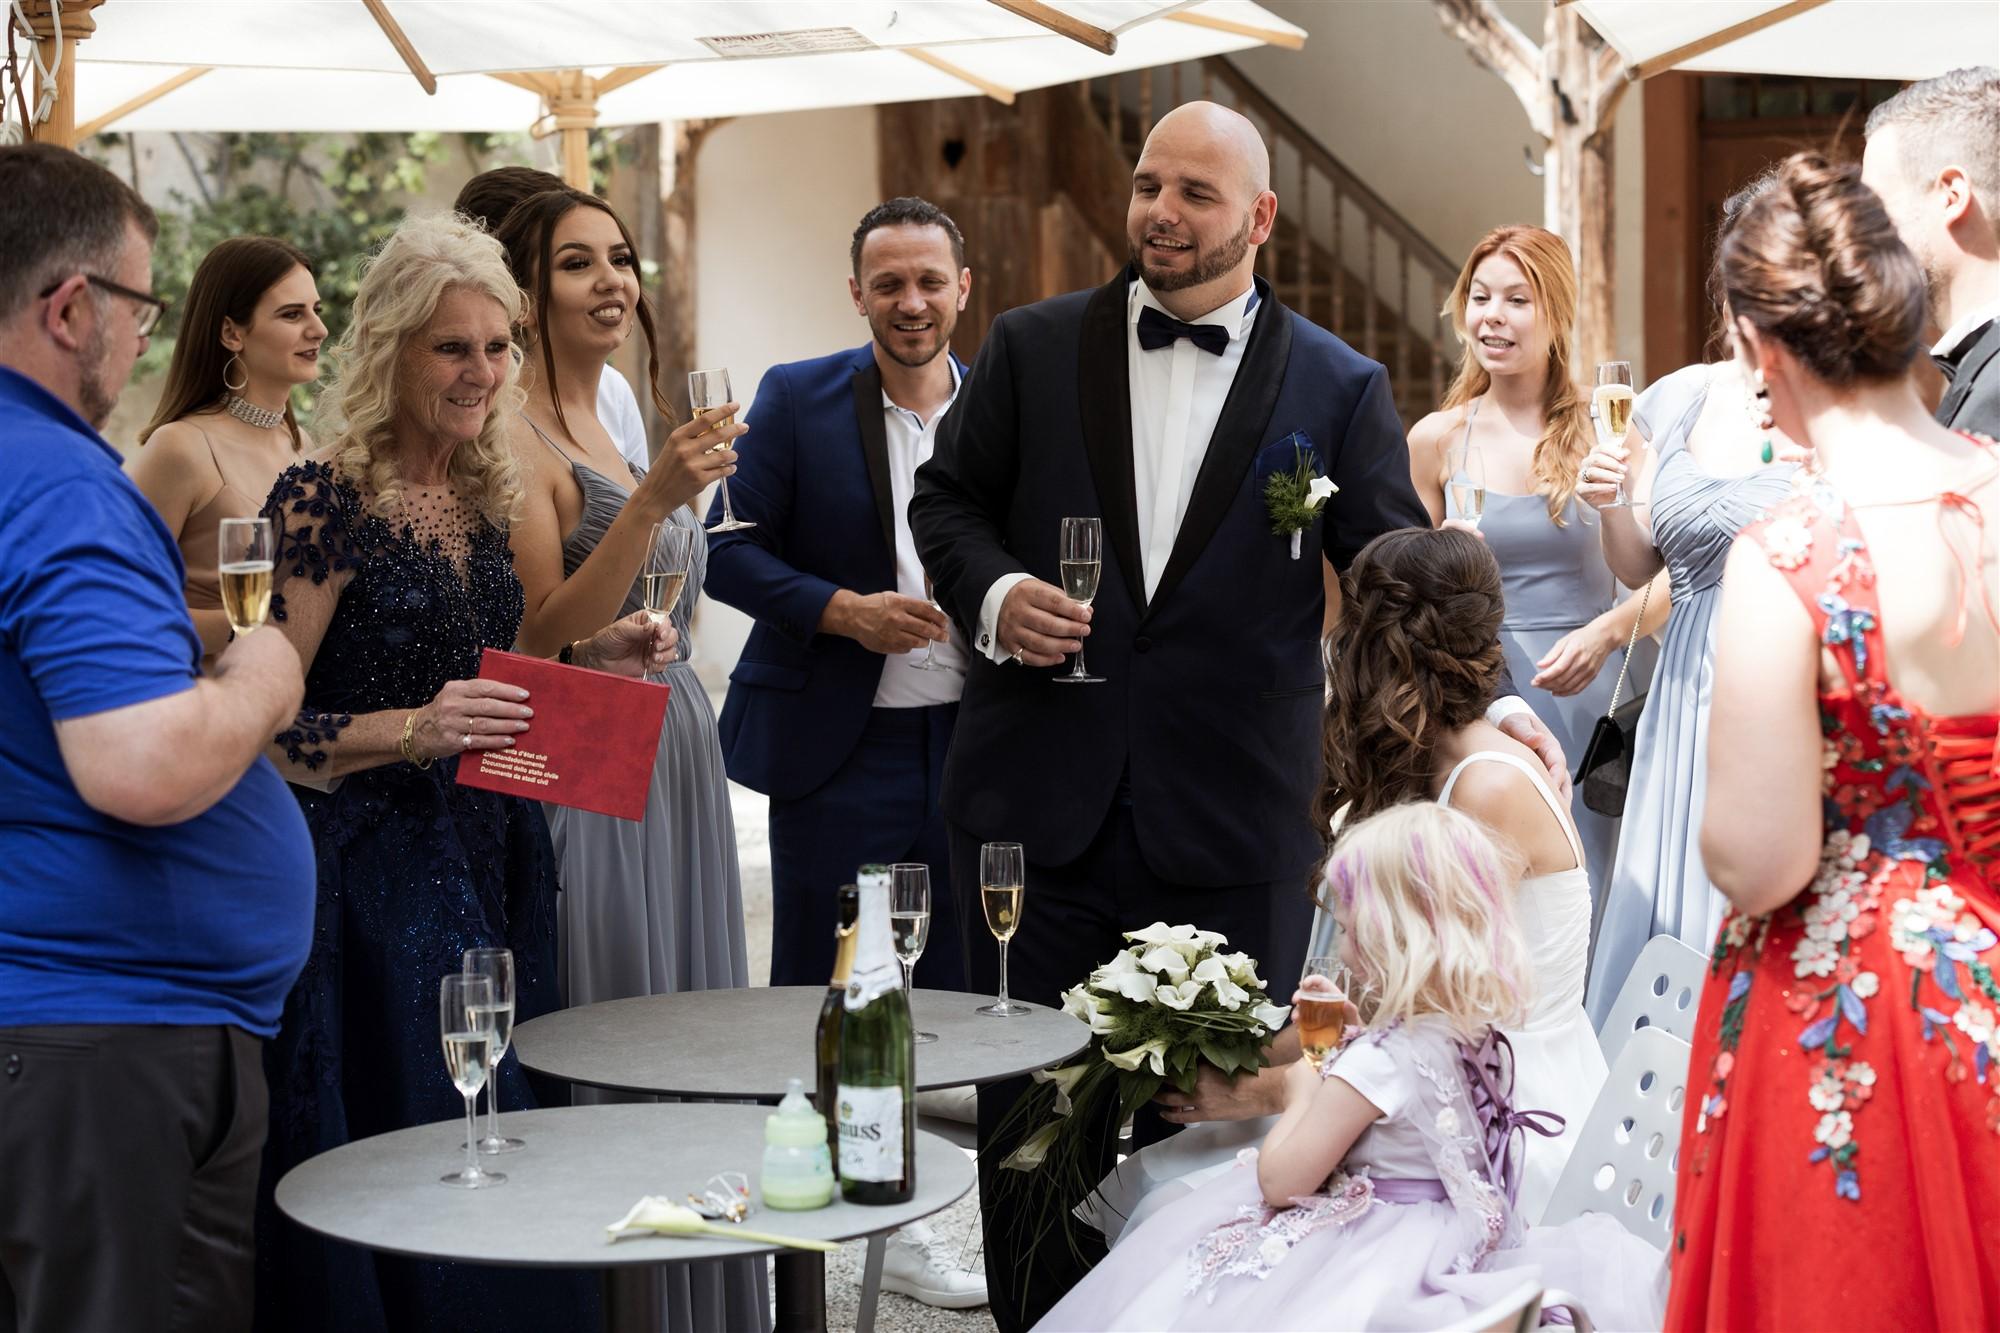 Hochzeit Schloss Wildenstein - Der Bräutigam hält eine Ansprache